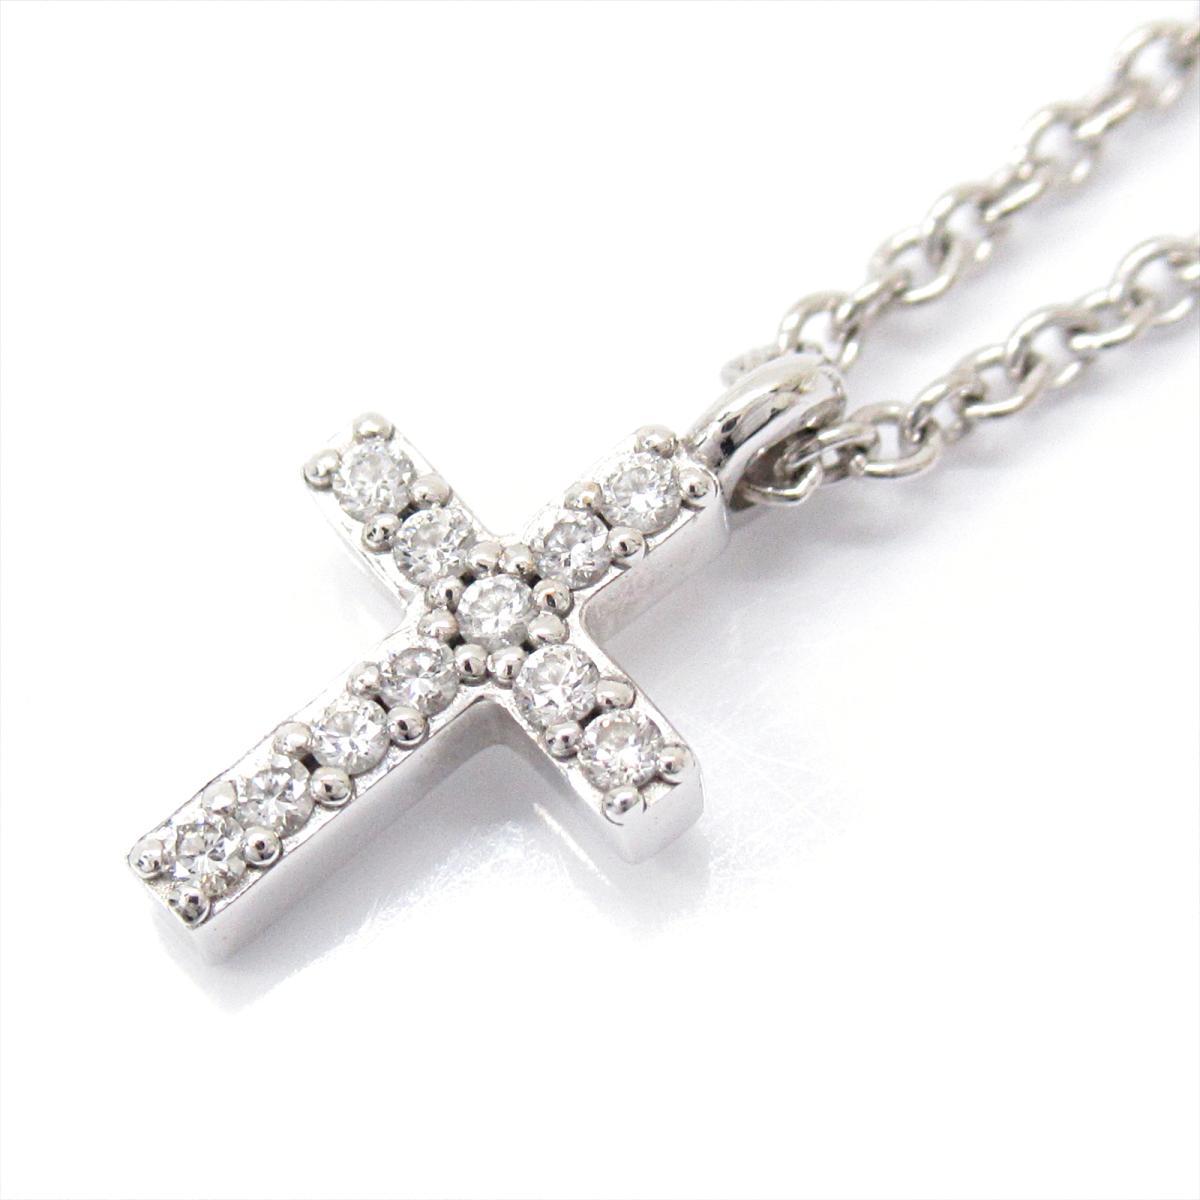 【中古】 ティファニー メトロクロス ネックレス ダイヤモンド ペンダント レディース K18WG (750) ホワイトゴールド x   TIFFANY&CO BRANDOFF ブランドオフ ブランド アクセサリー